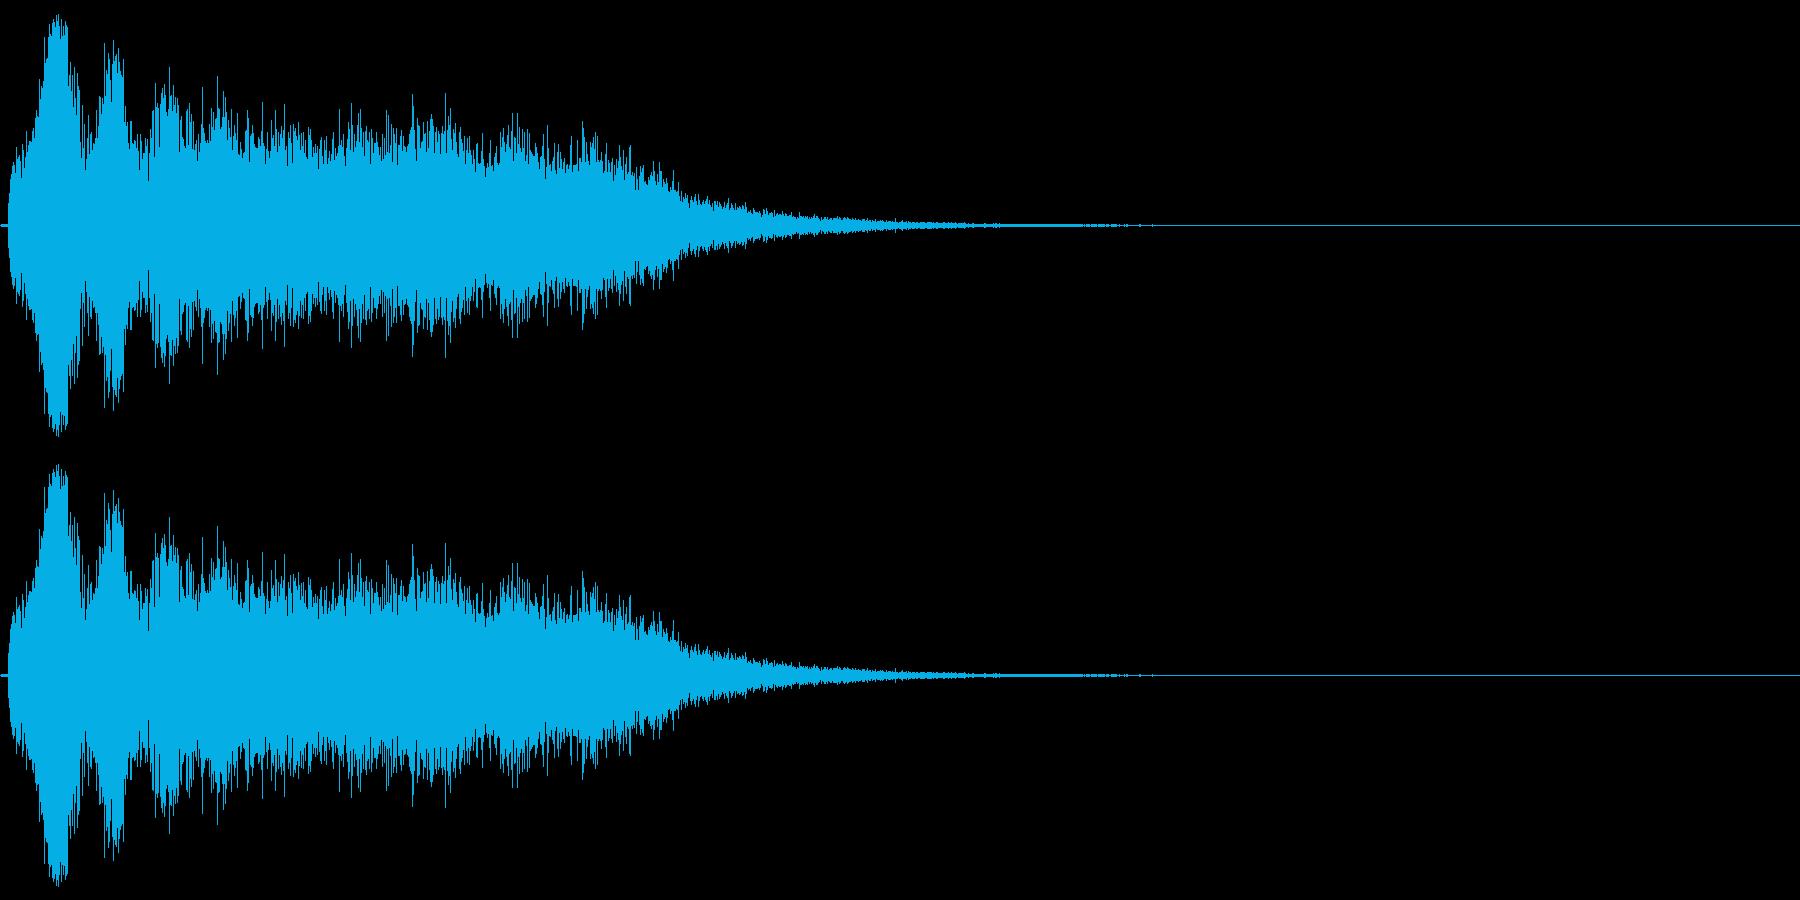 スーパー、テロップ向け(キラキラ成分付)の再生済みの波形